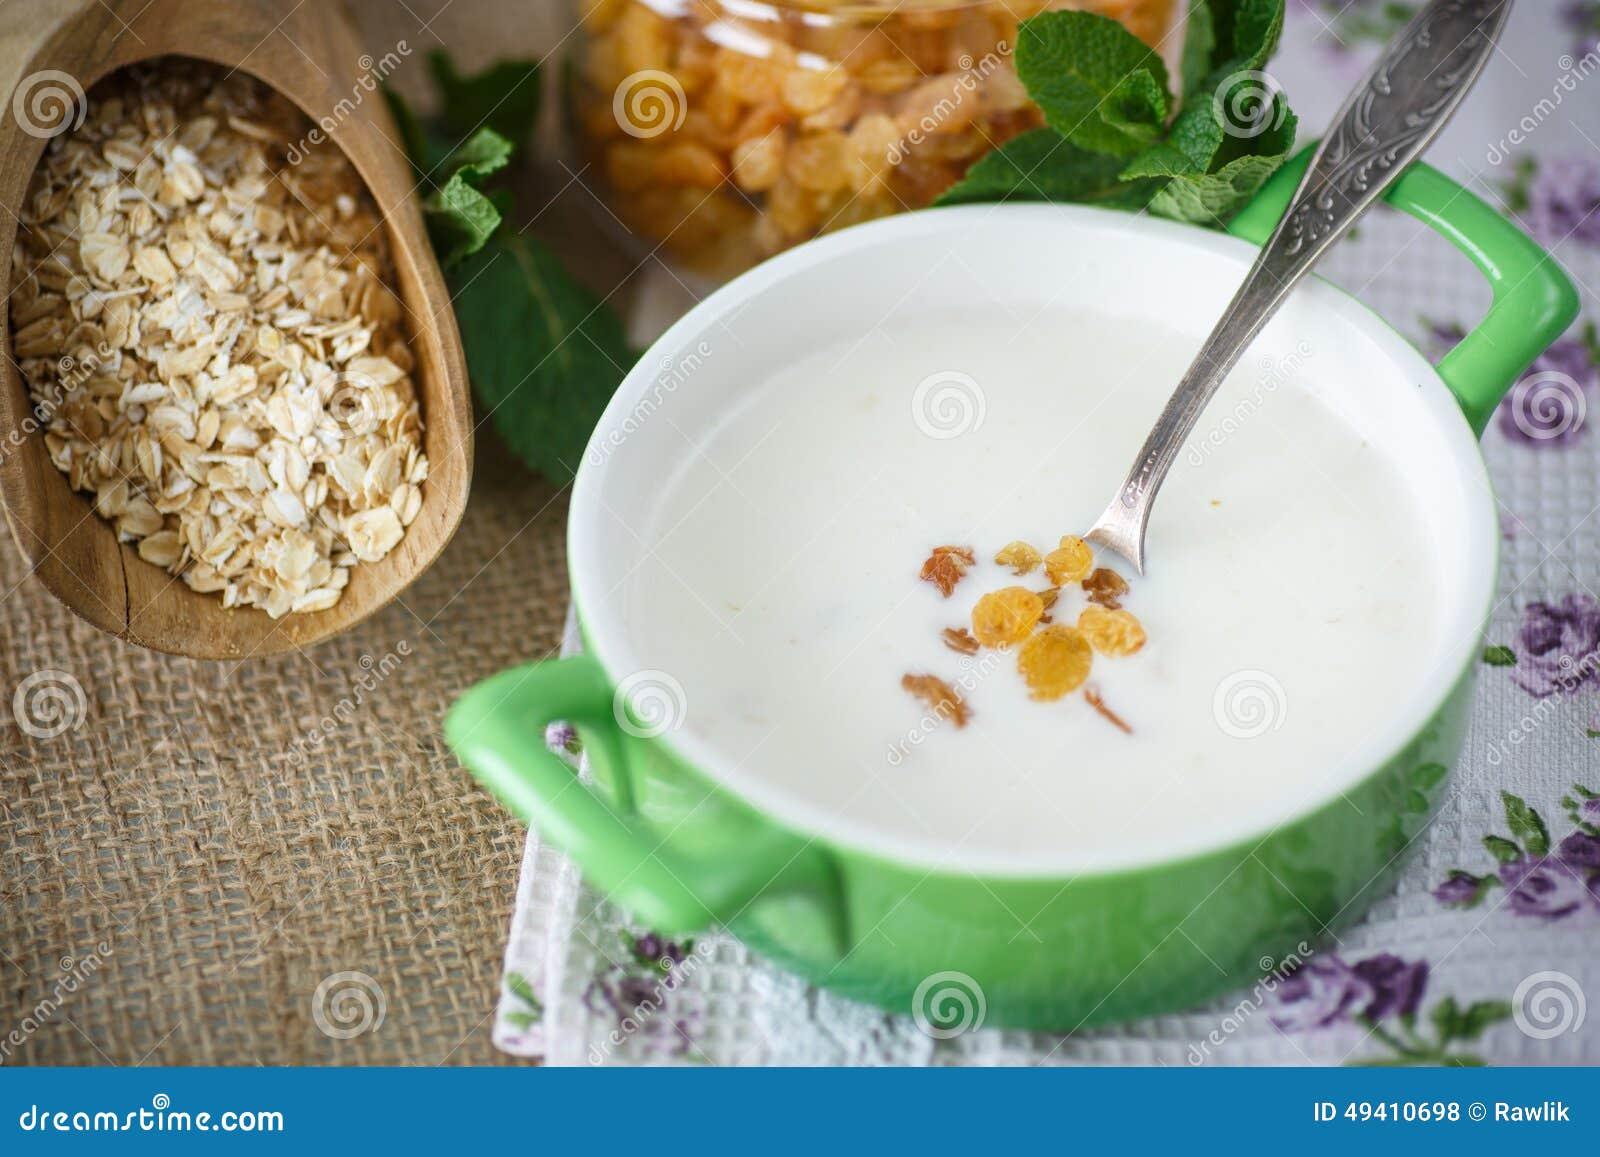 Download Hafermehl Mit Milch Und Rosinen Stockfoto - Bild von gesundheit, diät: 49410698